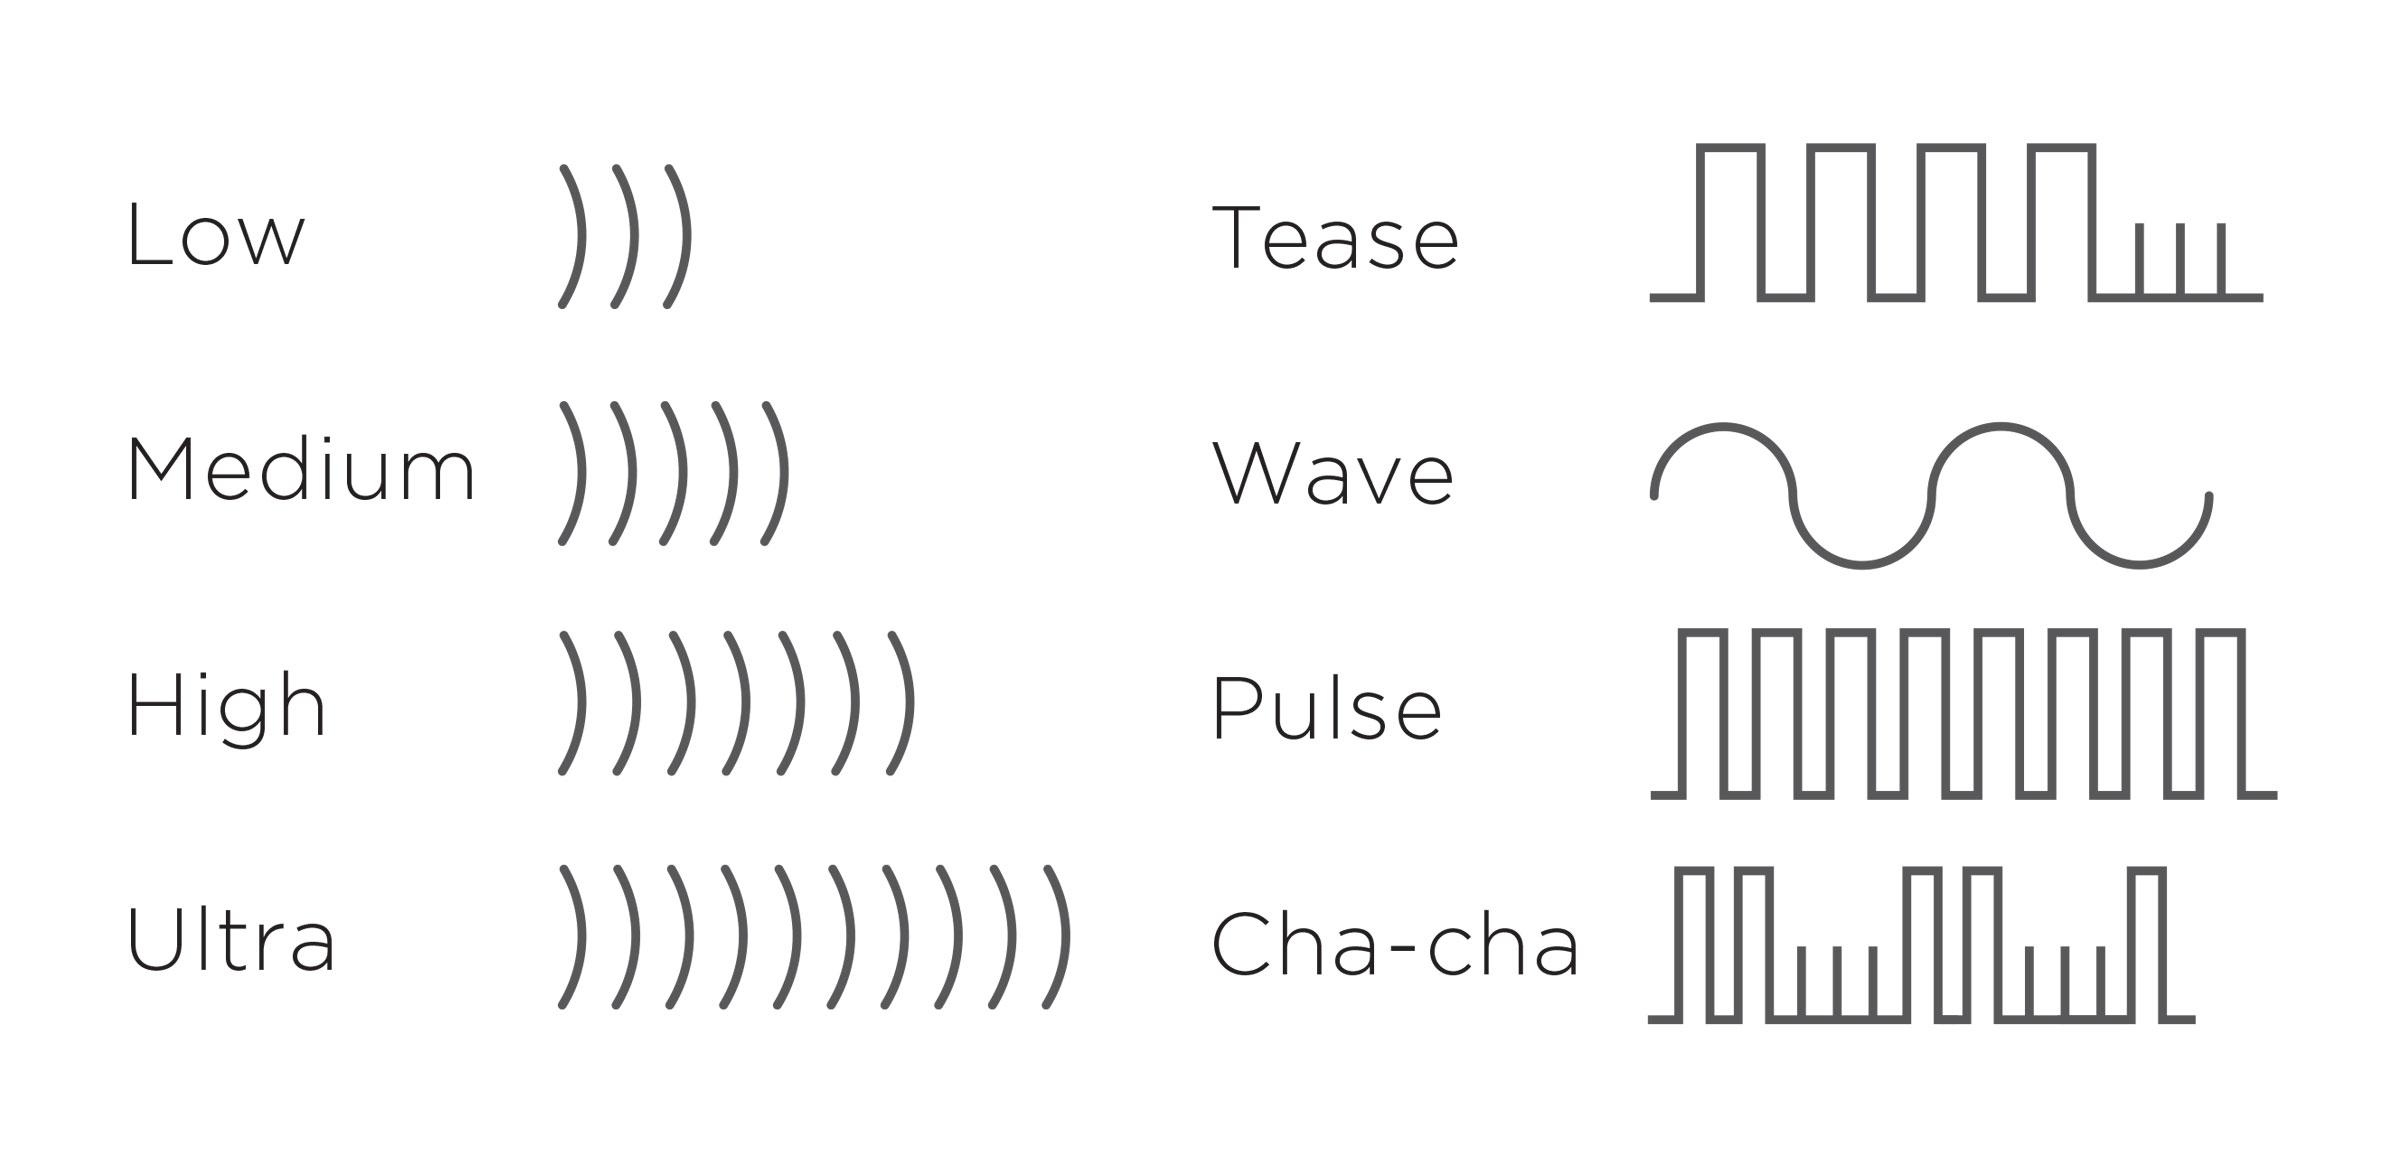 we-vibe-tango-vibrator-vibration-modes-2400.jpg